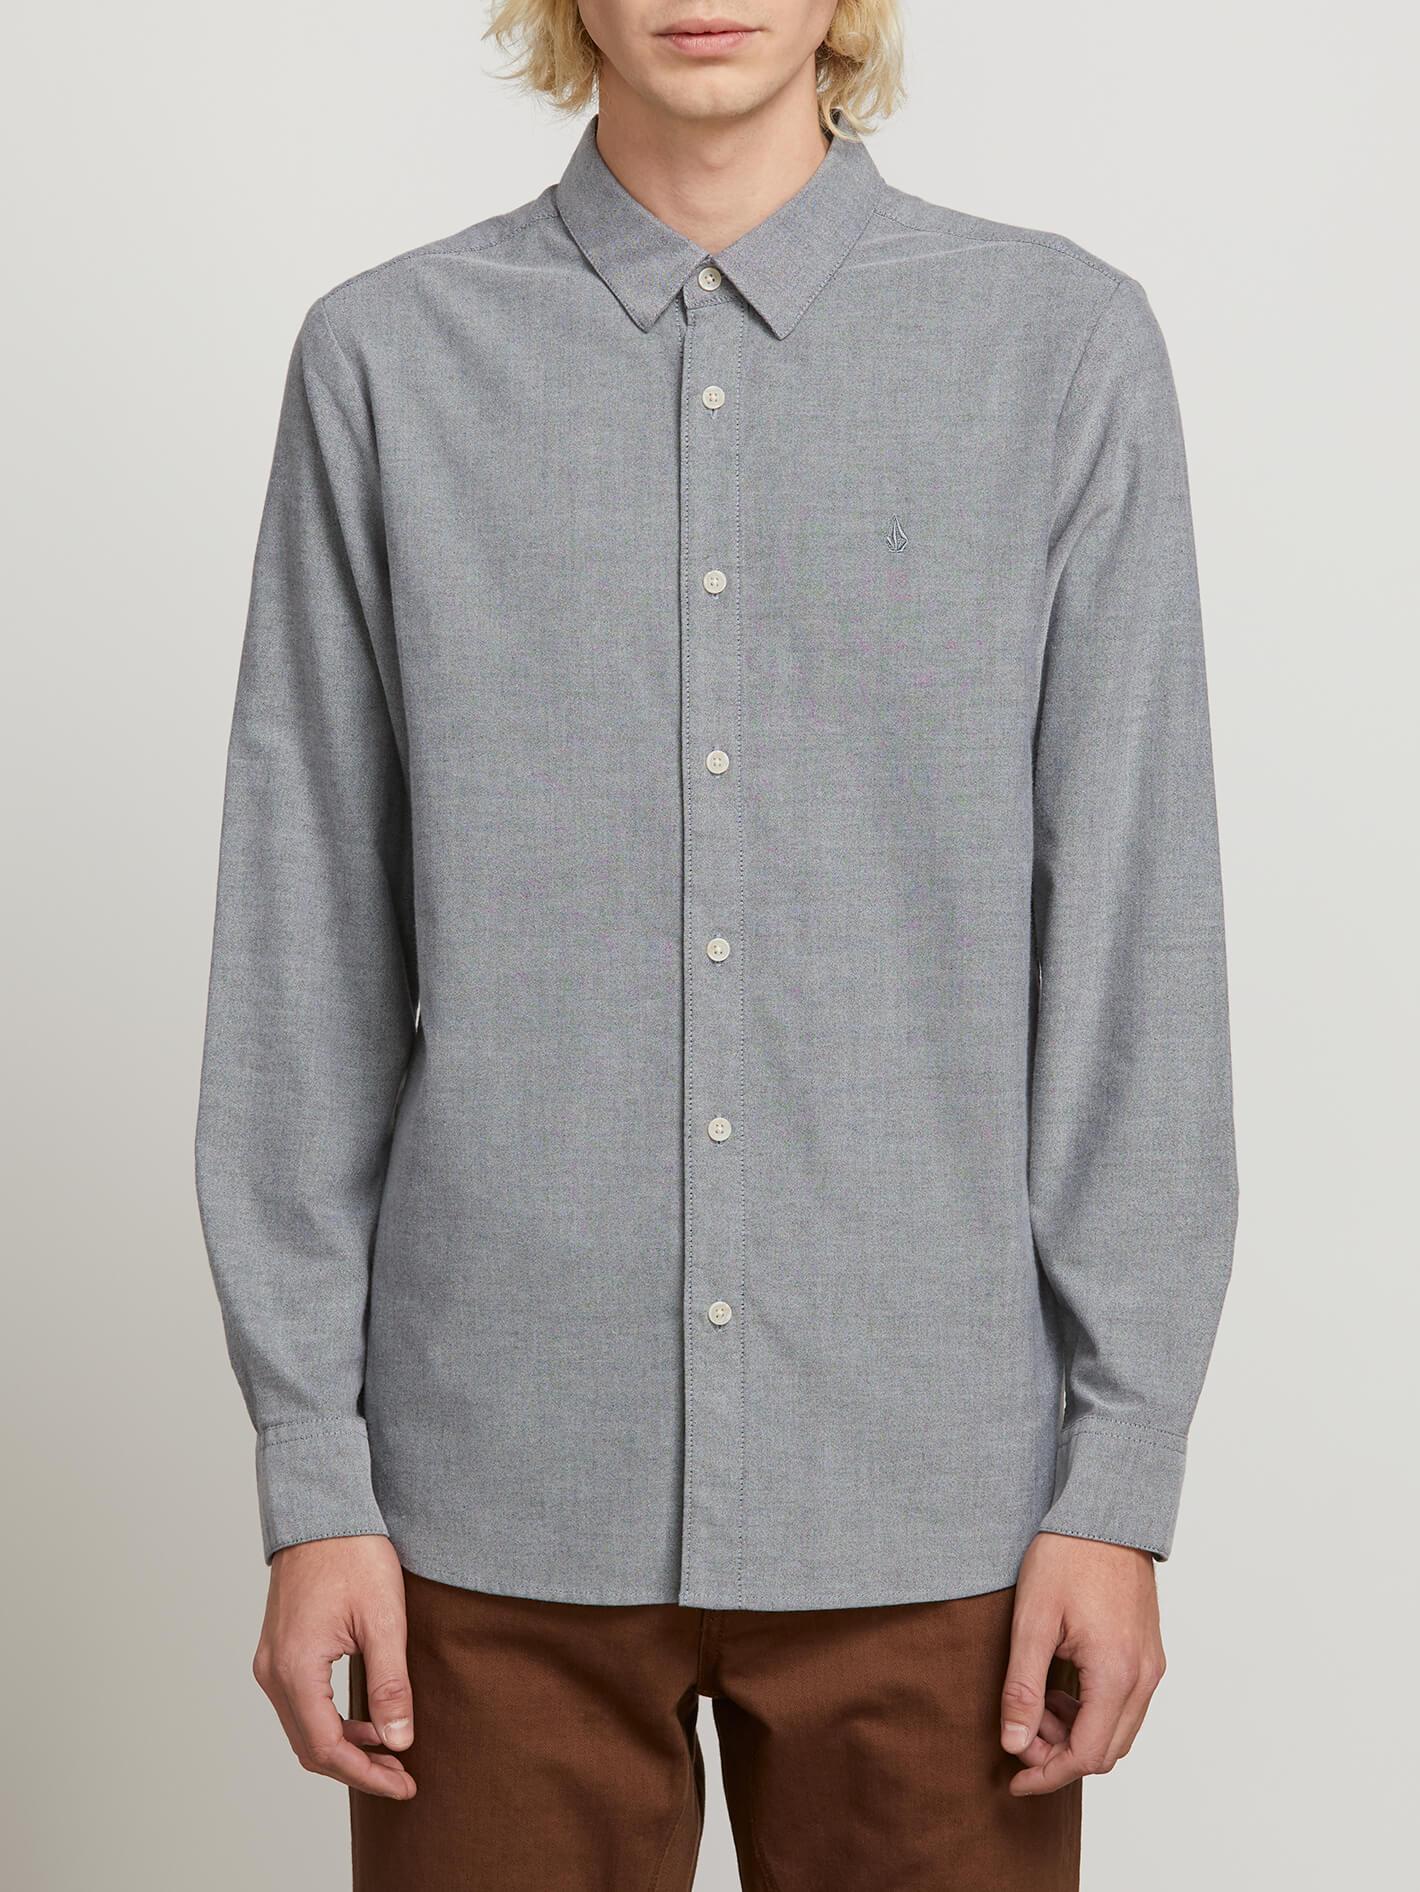 Oxford Stretch Long Sleeve Shirt - Black - BLACK / S